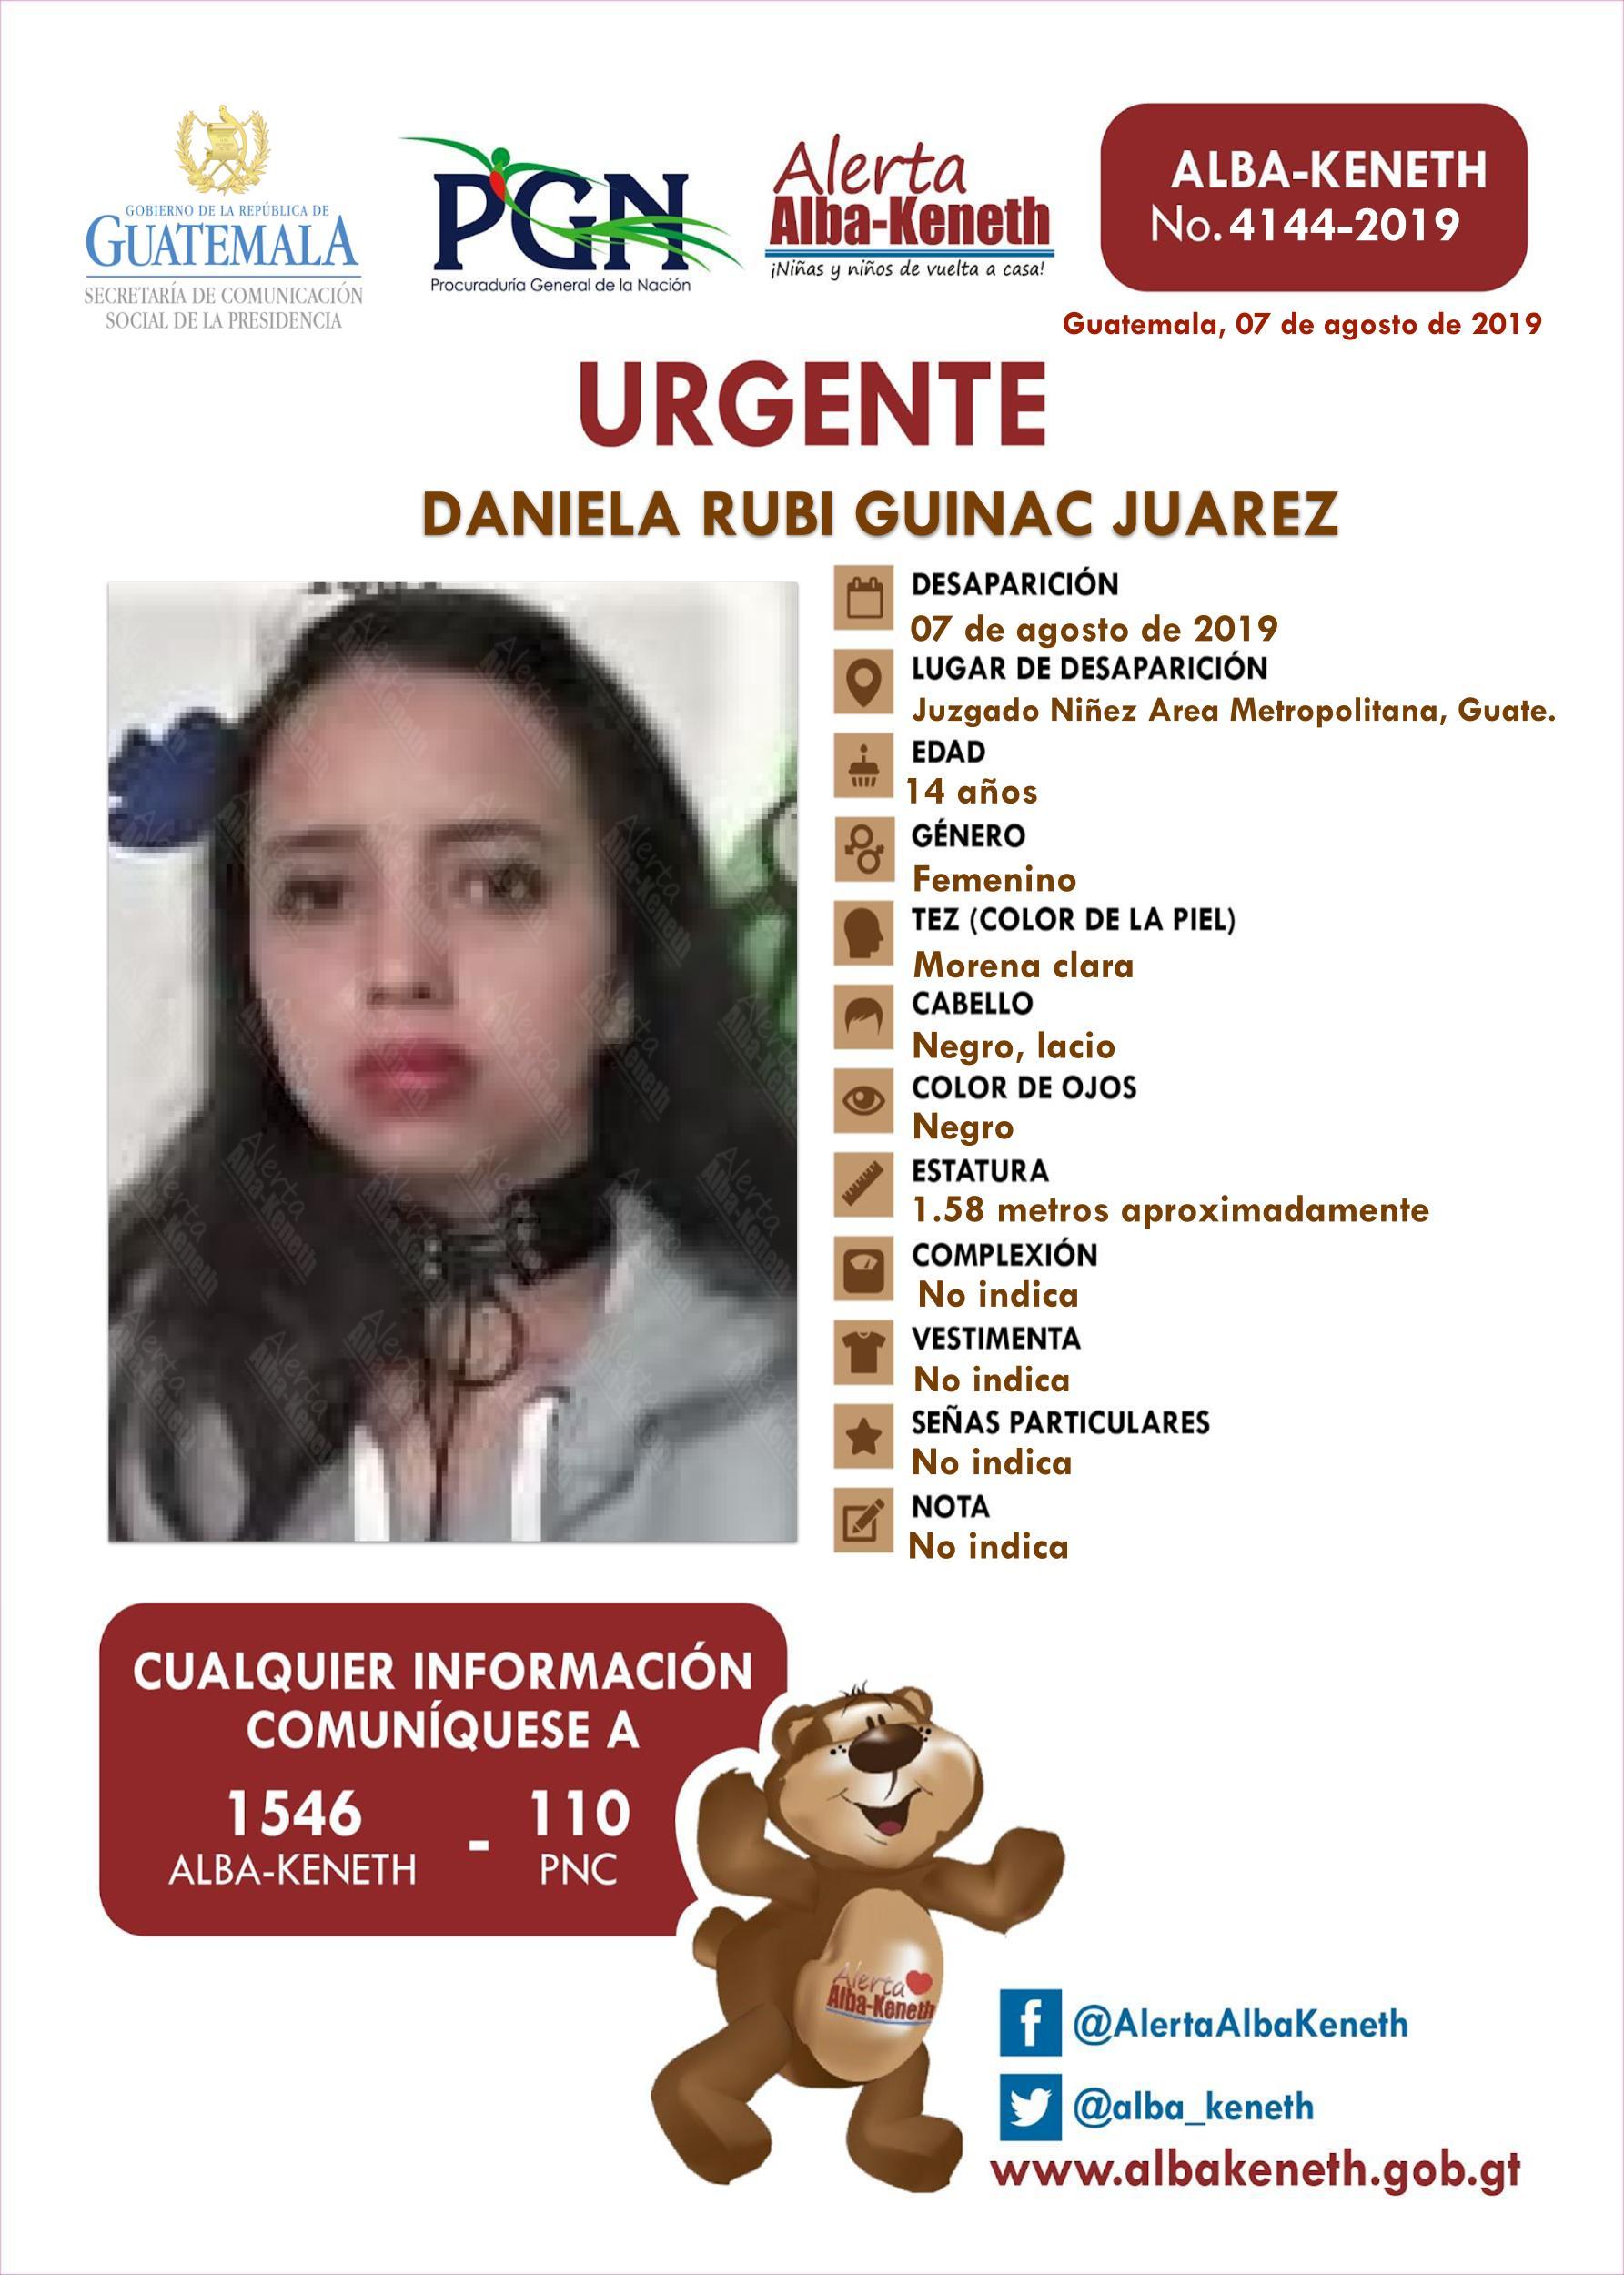 Daniela Rubi Guinac Juarez